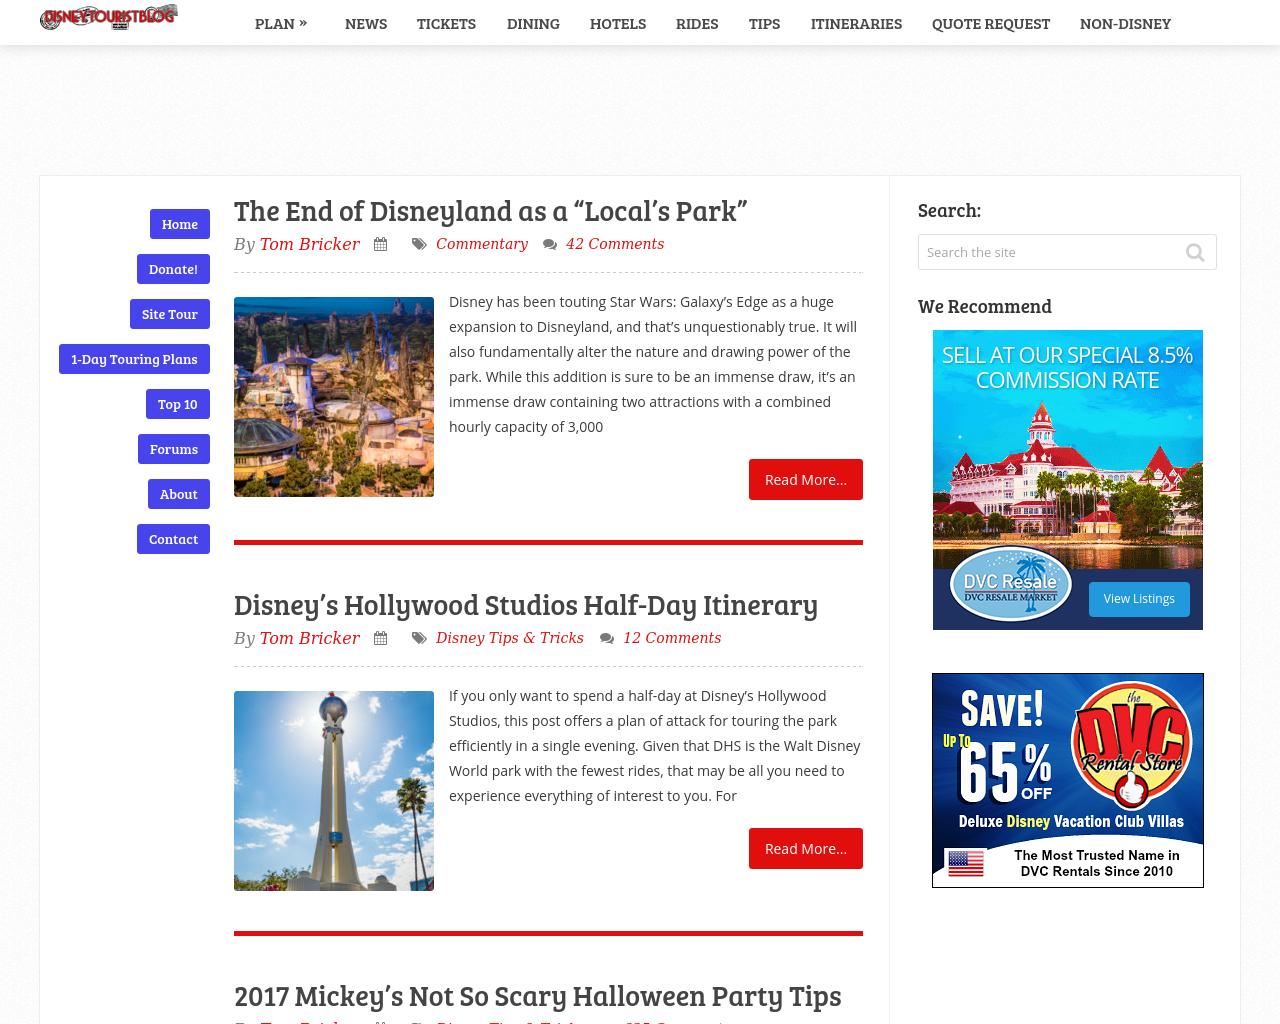 Disneytouristblog.com-Advertising-Reviews-Pricing